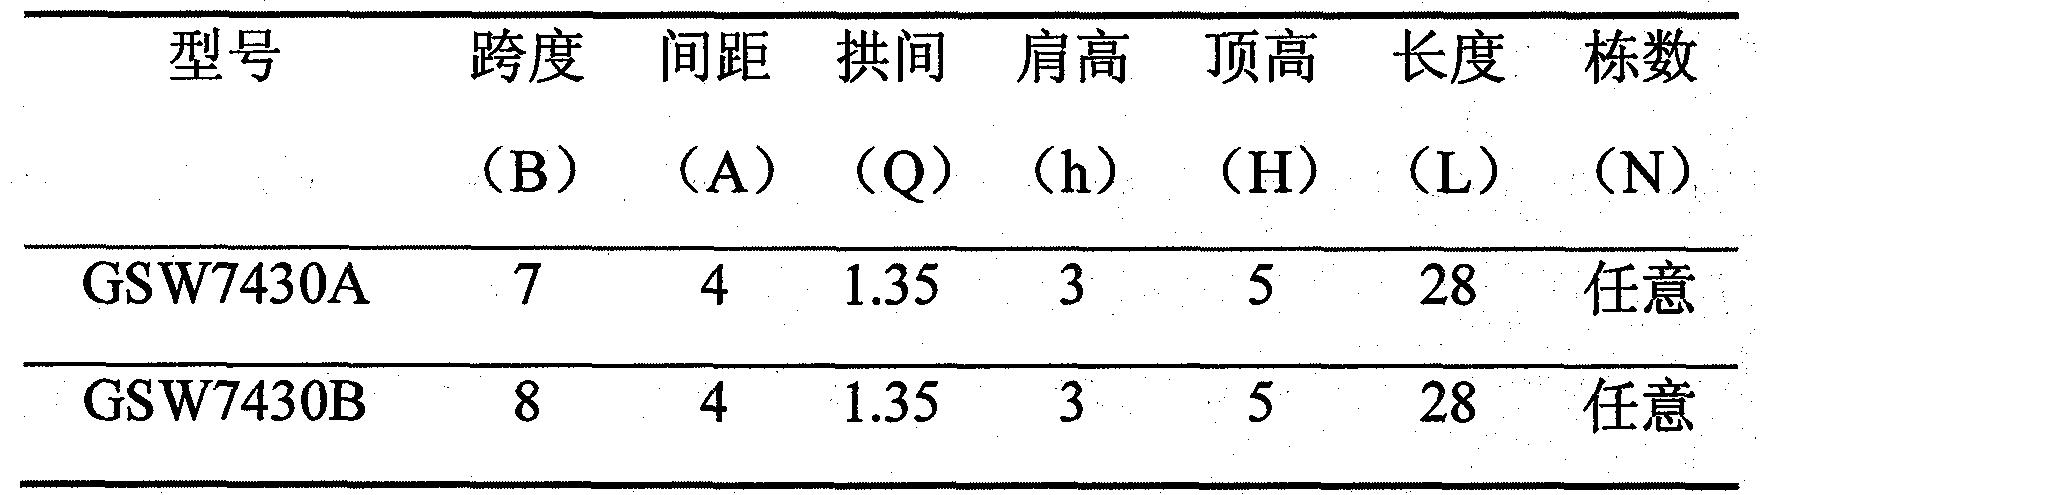 Figure CN101743879BD00052